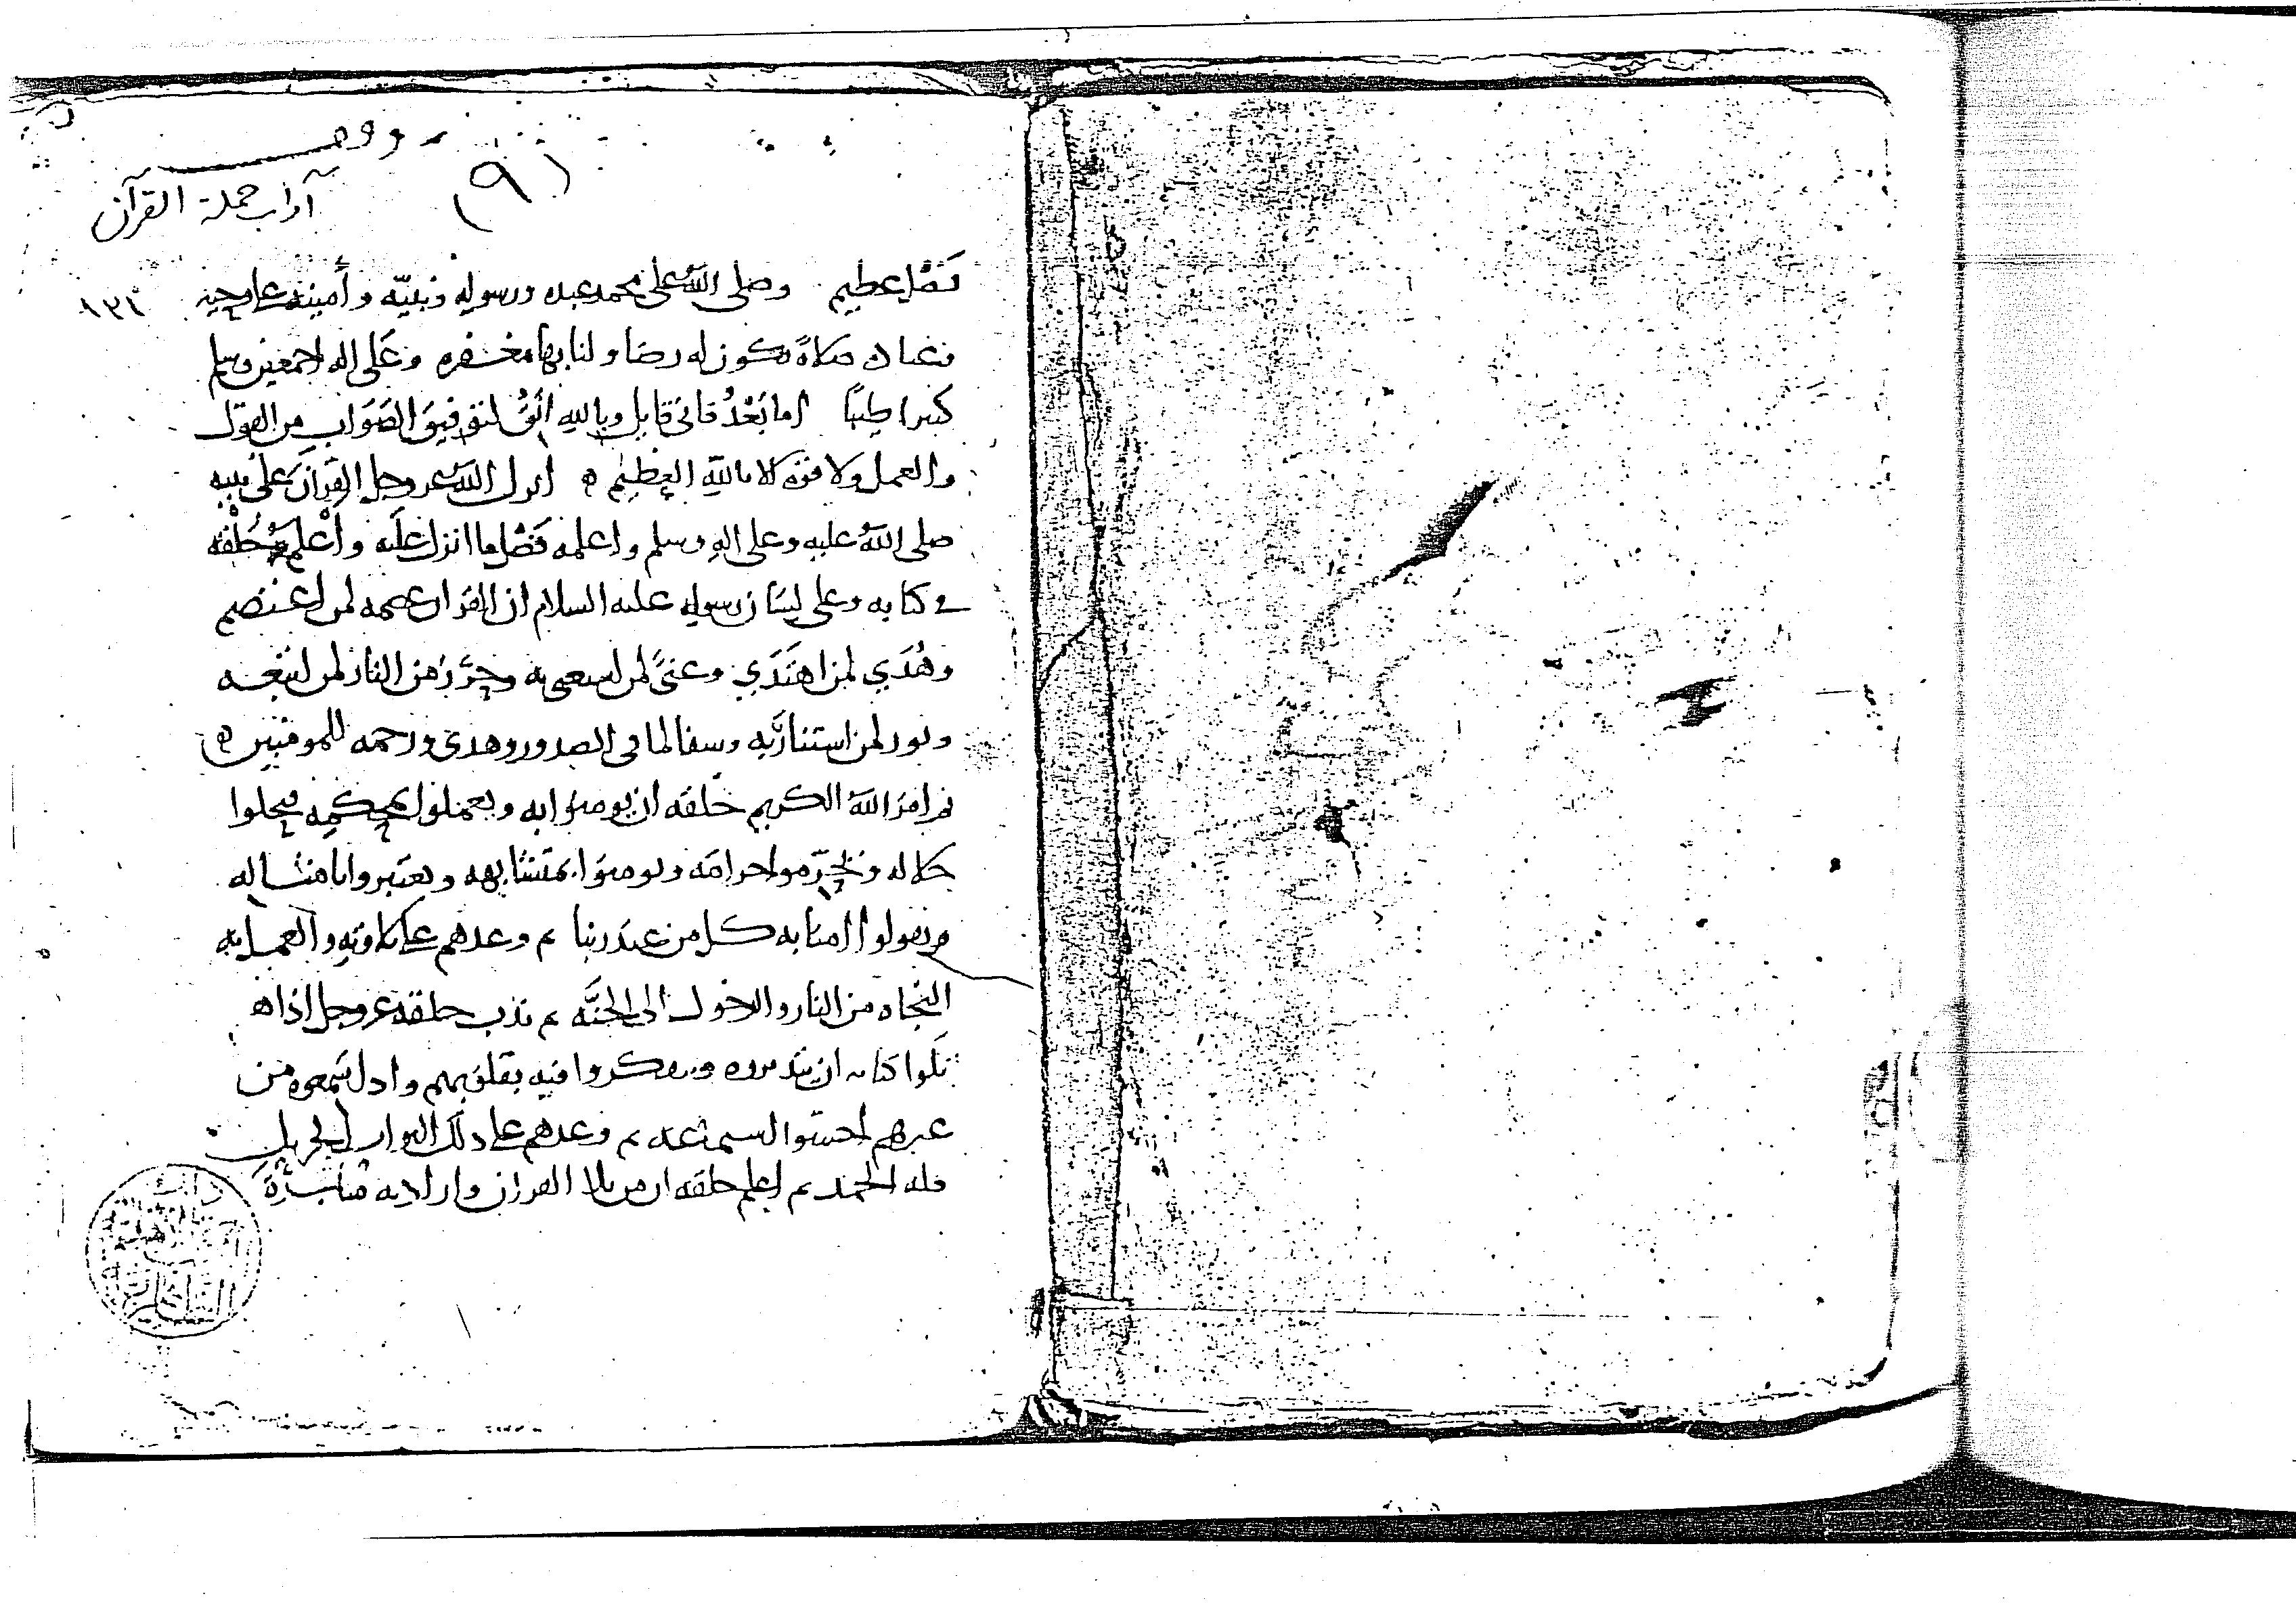 آداب حملة القرآن (نسخة ثانية) - أبو بكر محمد بن الحسين بن عبد الله الآجري البغدادي (ت 360)